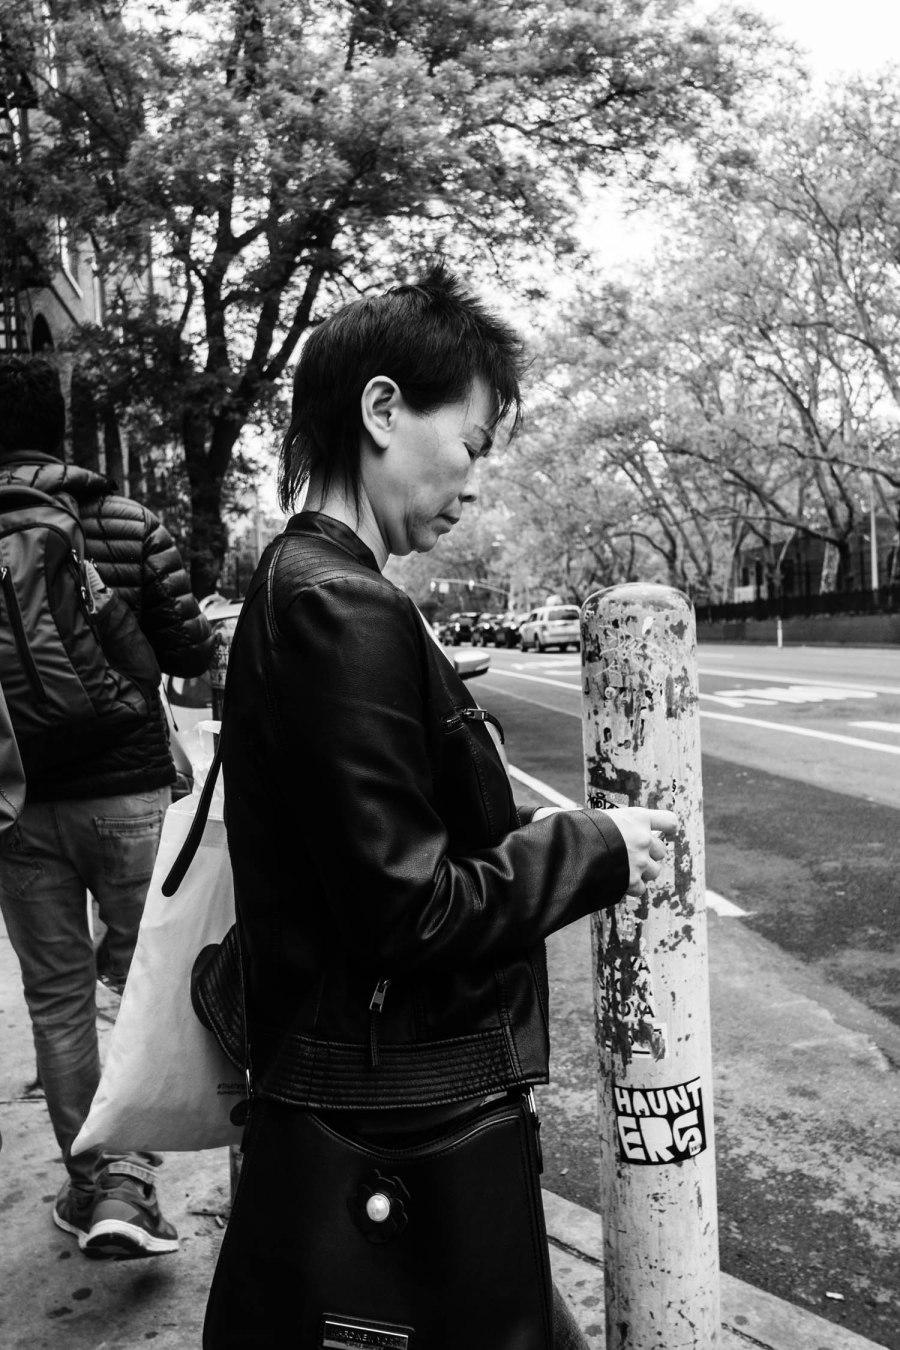 Chinatown Noir 15